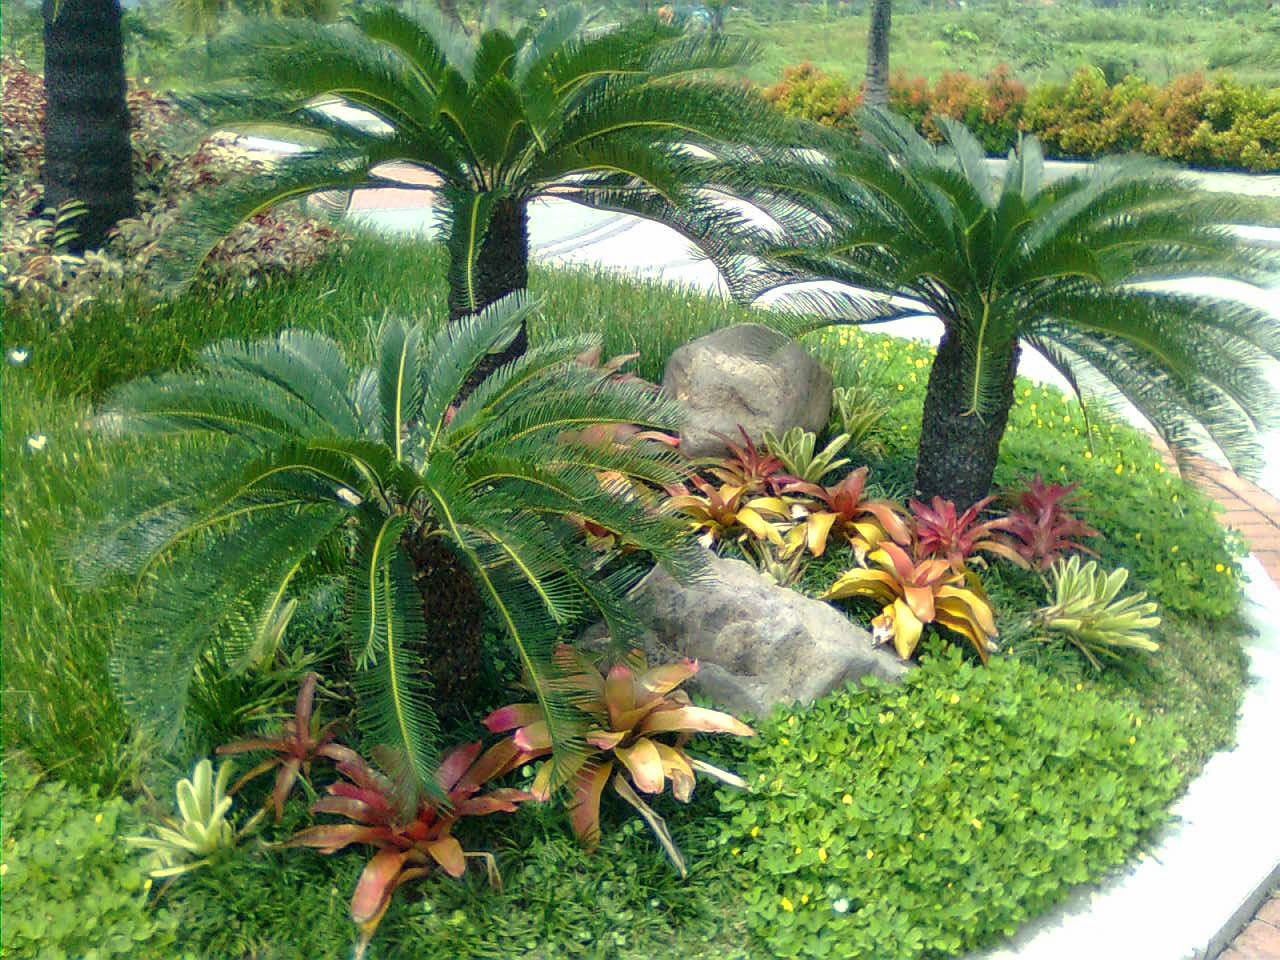 Jual pohon palem sikas (cicas) | suplier tanaman dan rumput, solusi pertamanan, jasa penanaman rumput dan pembuatan taman